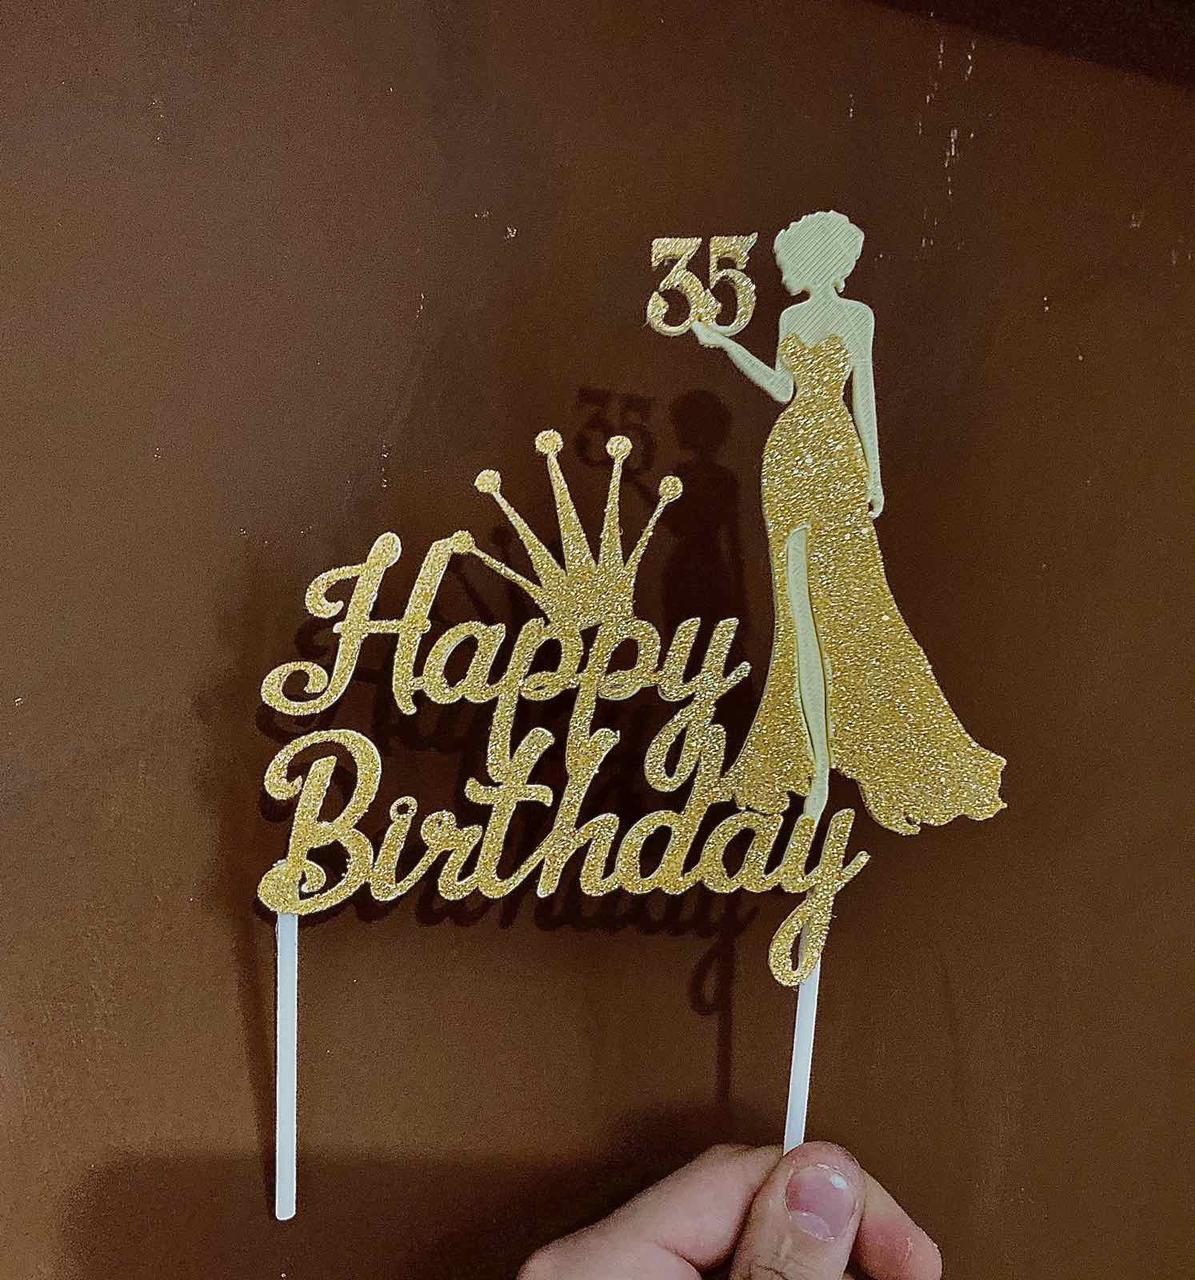 Топпер специальный Happy birthday |  | Топперы с | Топперы с Днем рождения для девушки